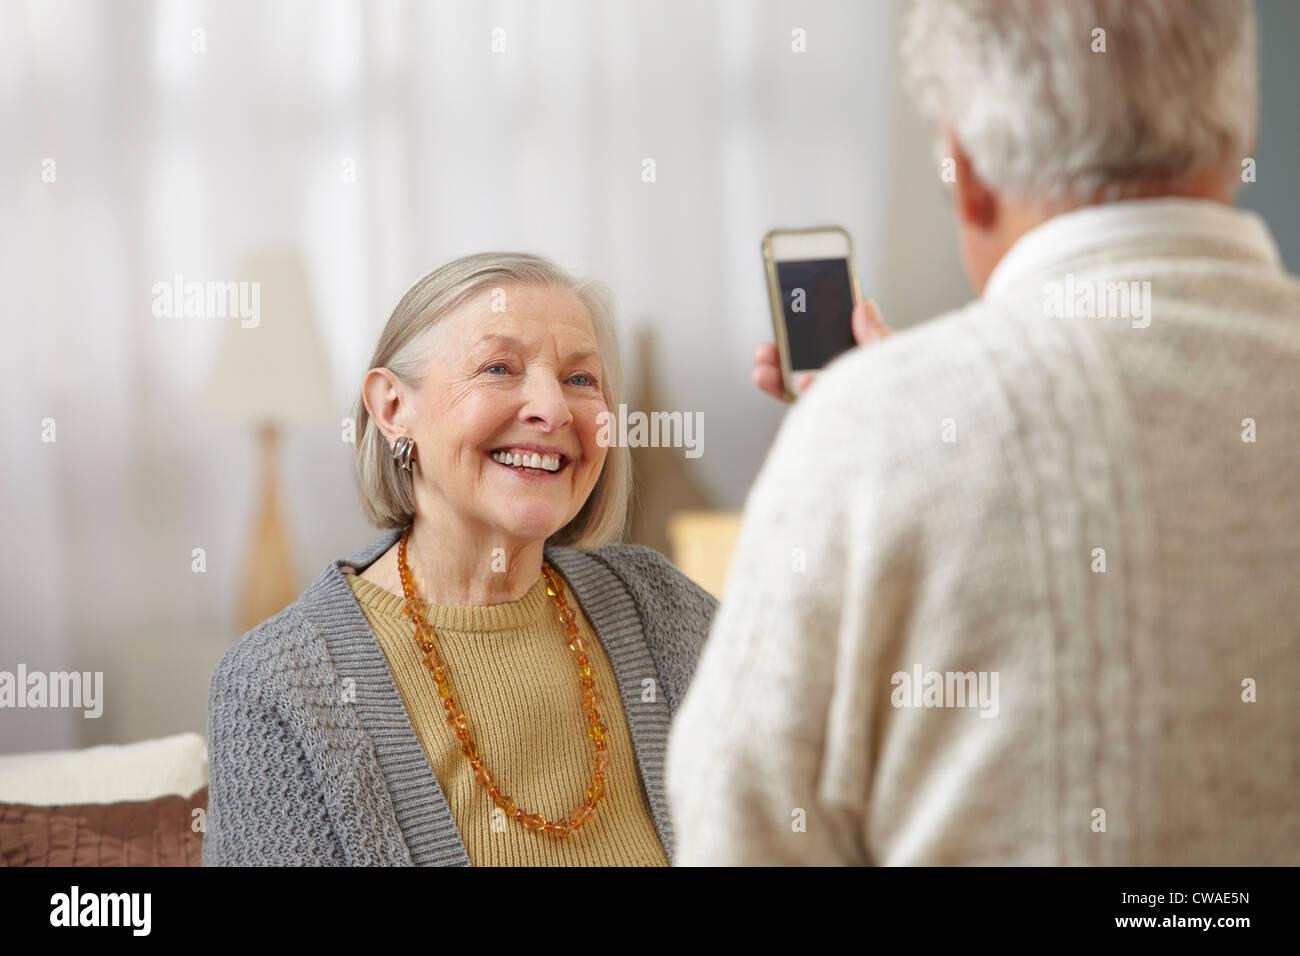 Ältere Mann mit Kamera-Handy Stockfoto